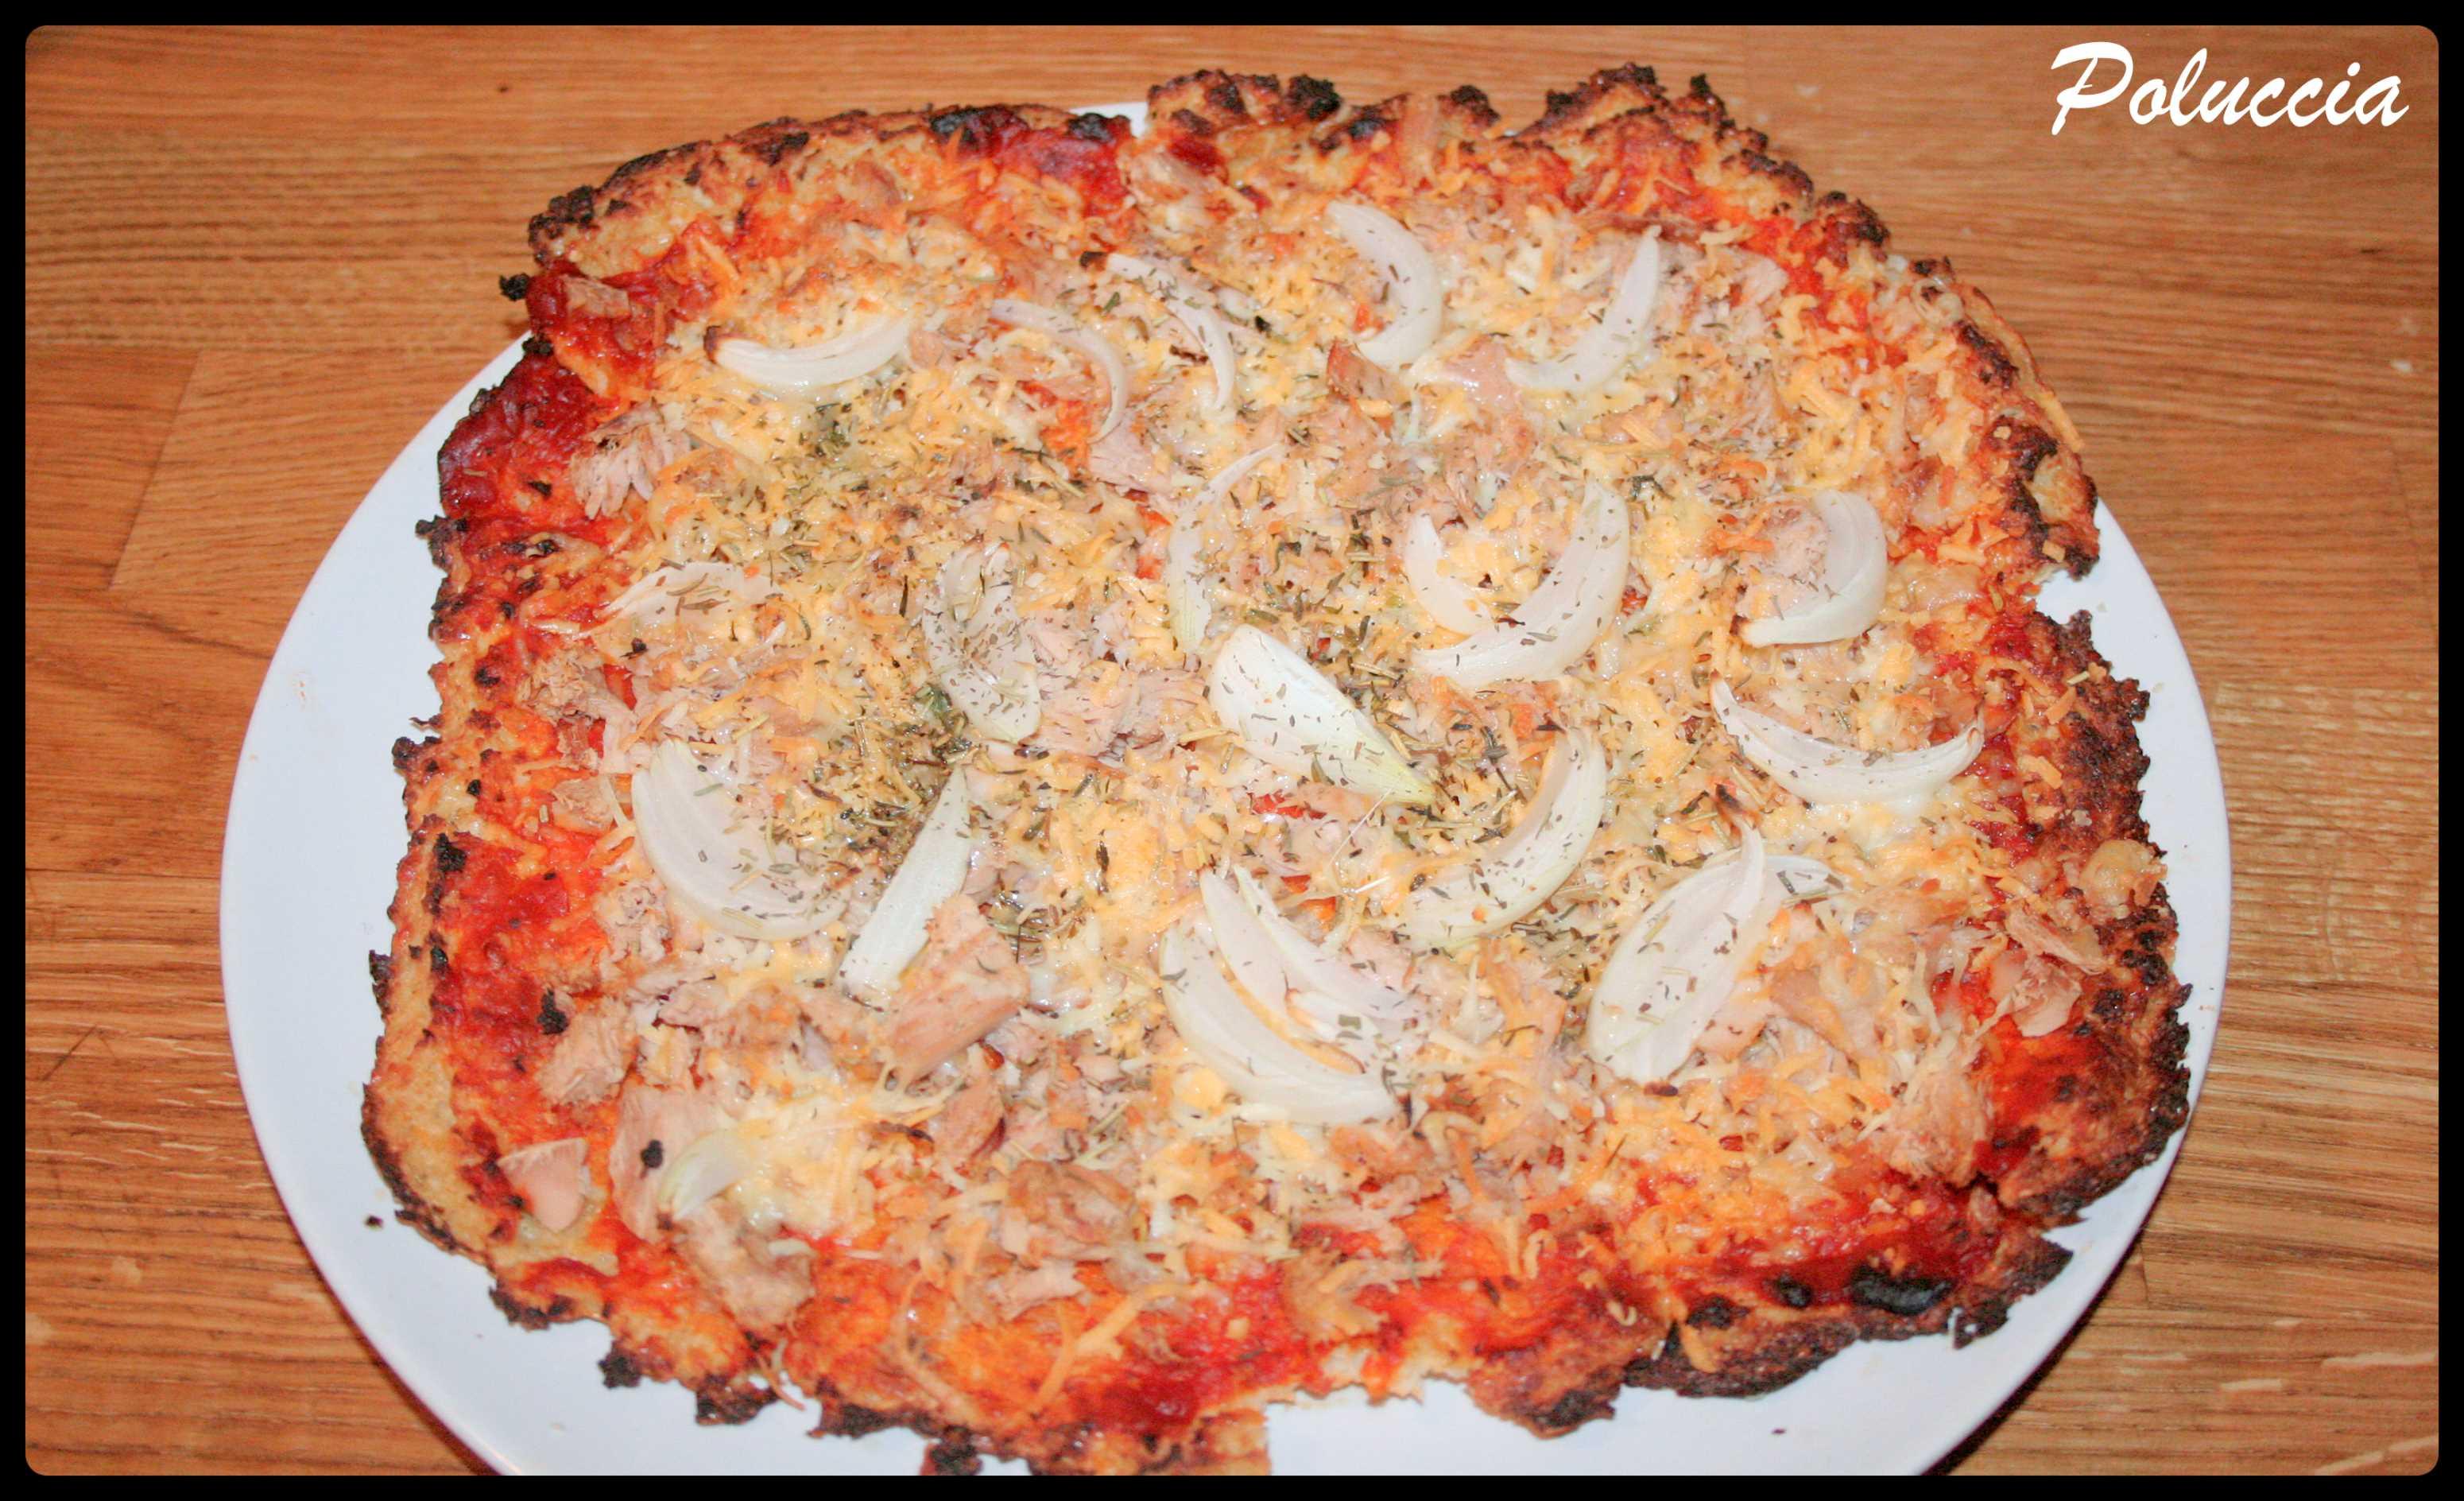 pizza light au thon le de poluccia cuisine voyages photographies